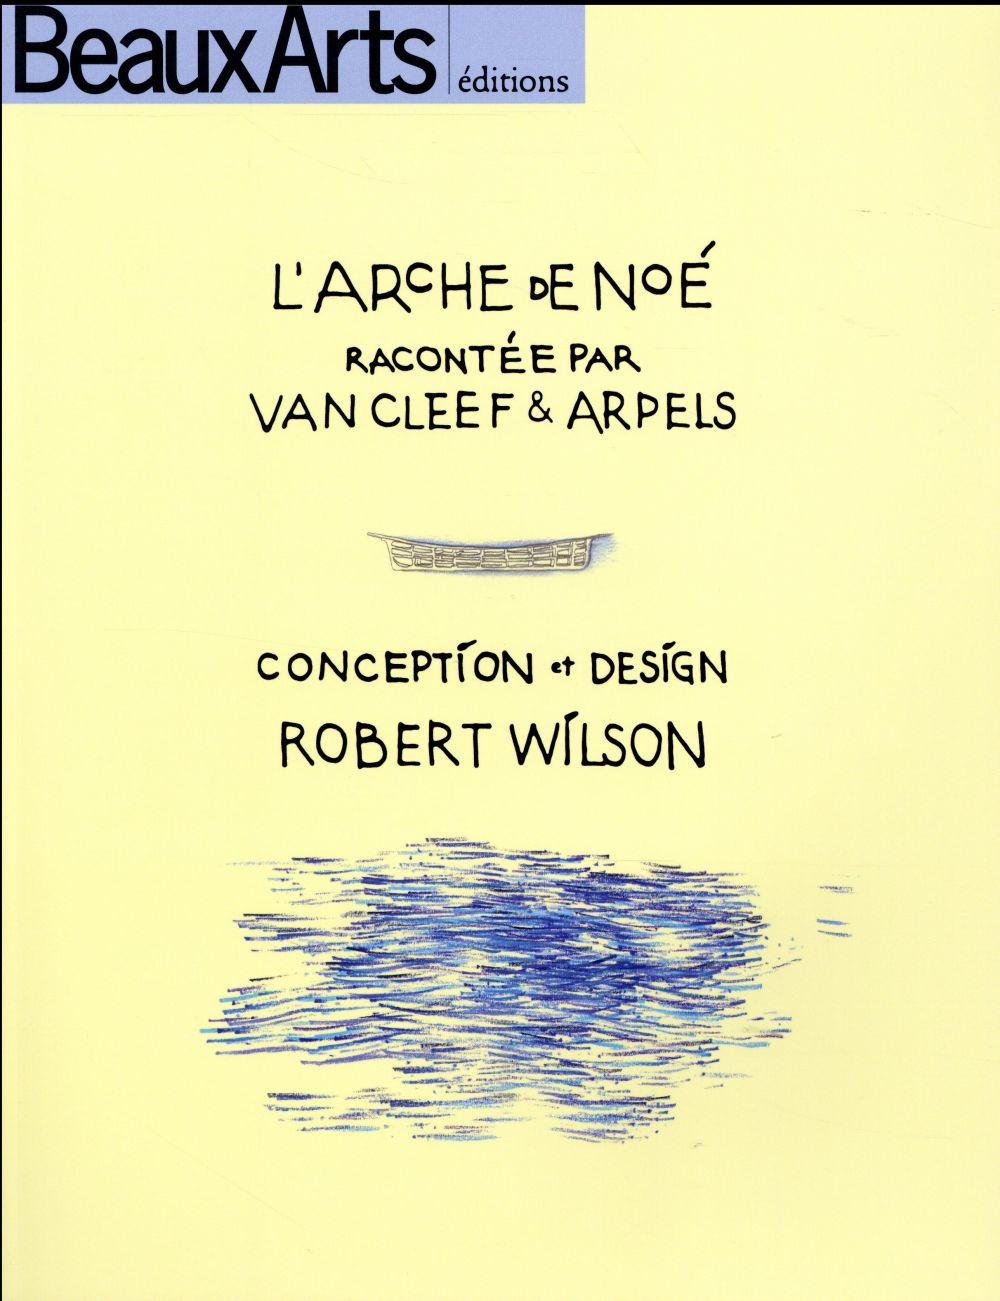 L'ARCHE DE NOE RACONTEE PAR VANCLEEF & ARPELS (FR/ANG)